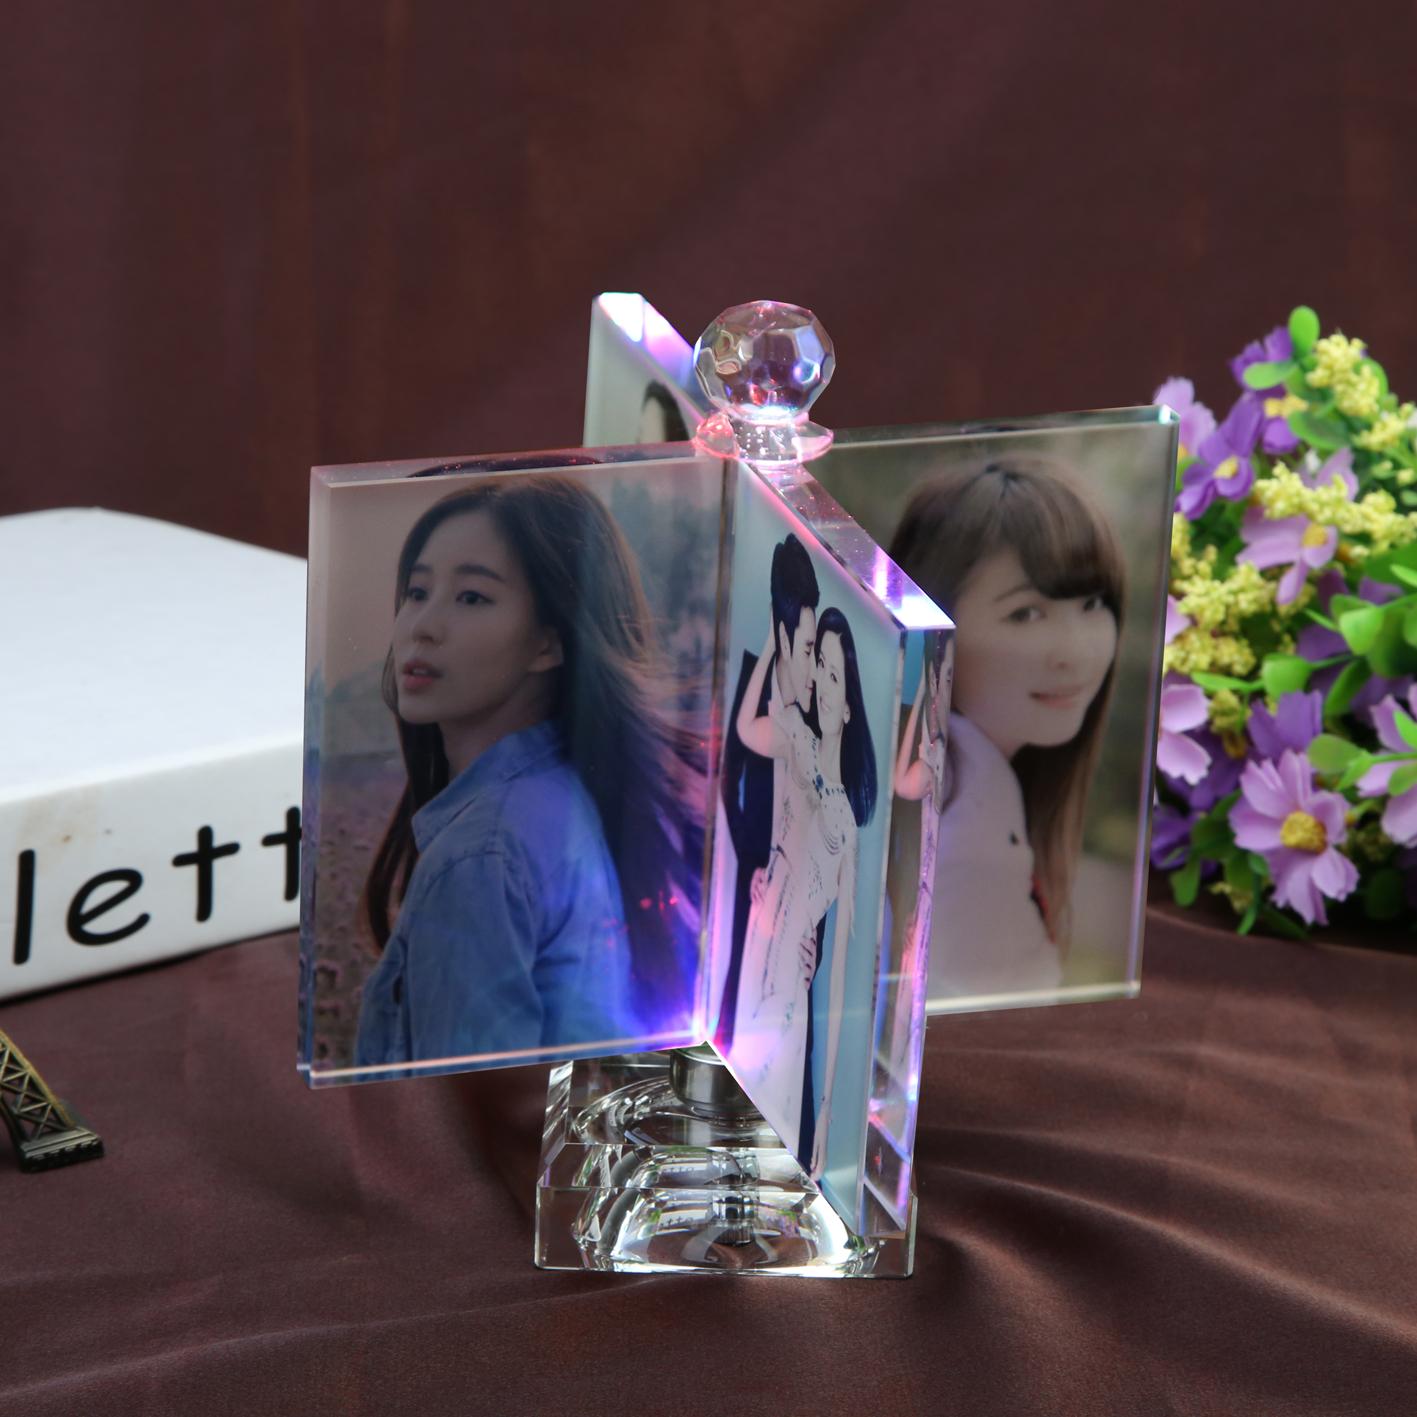 Кристалл свет ветряная мельница куб фото сделанный на заказ diy подарок творческий вращение качели личность производство кристалл альбомы